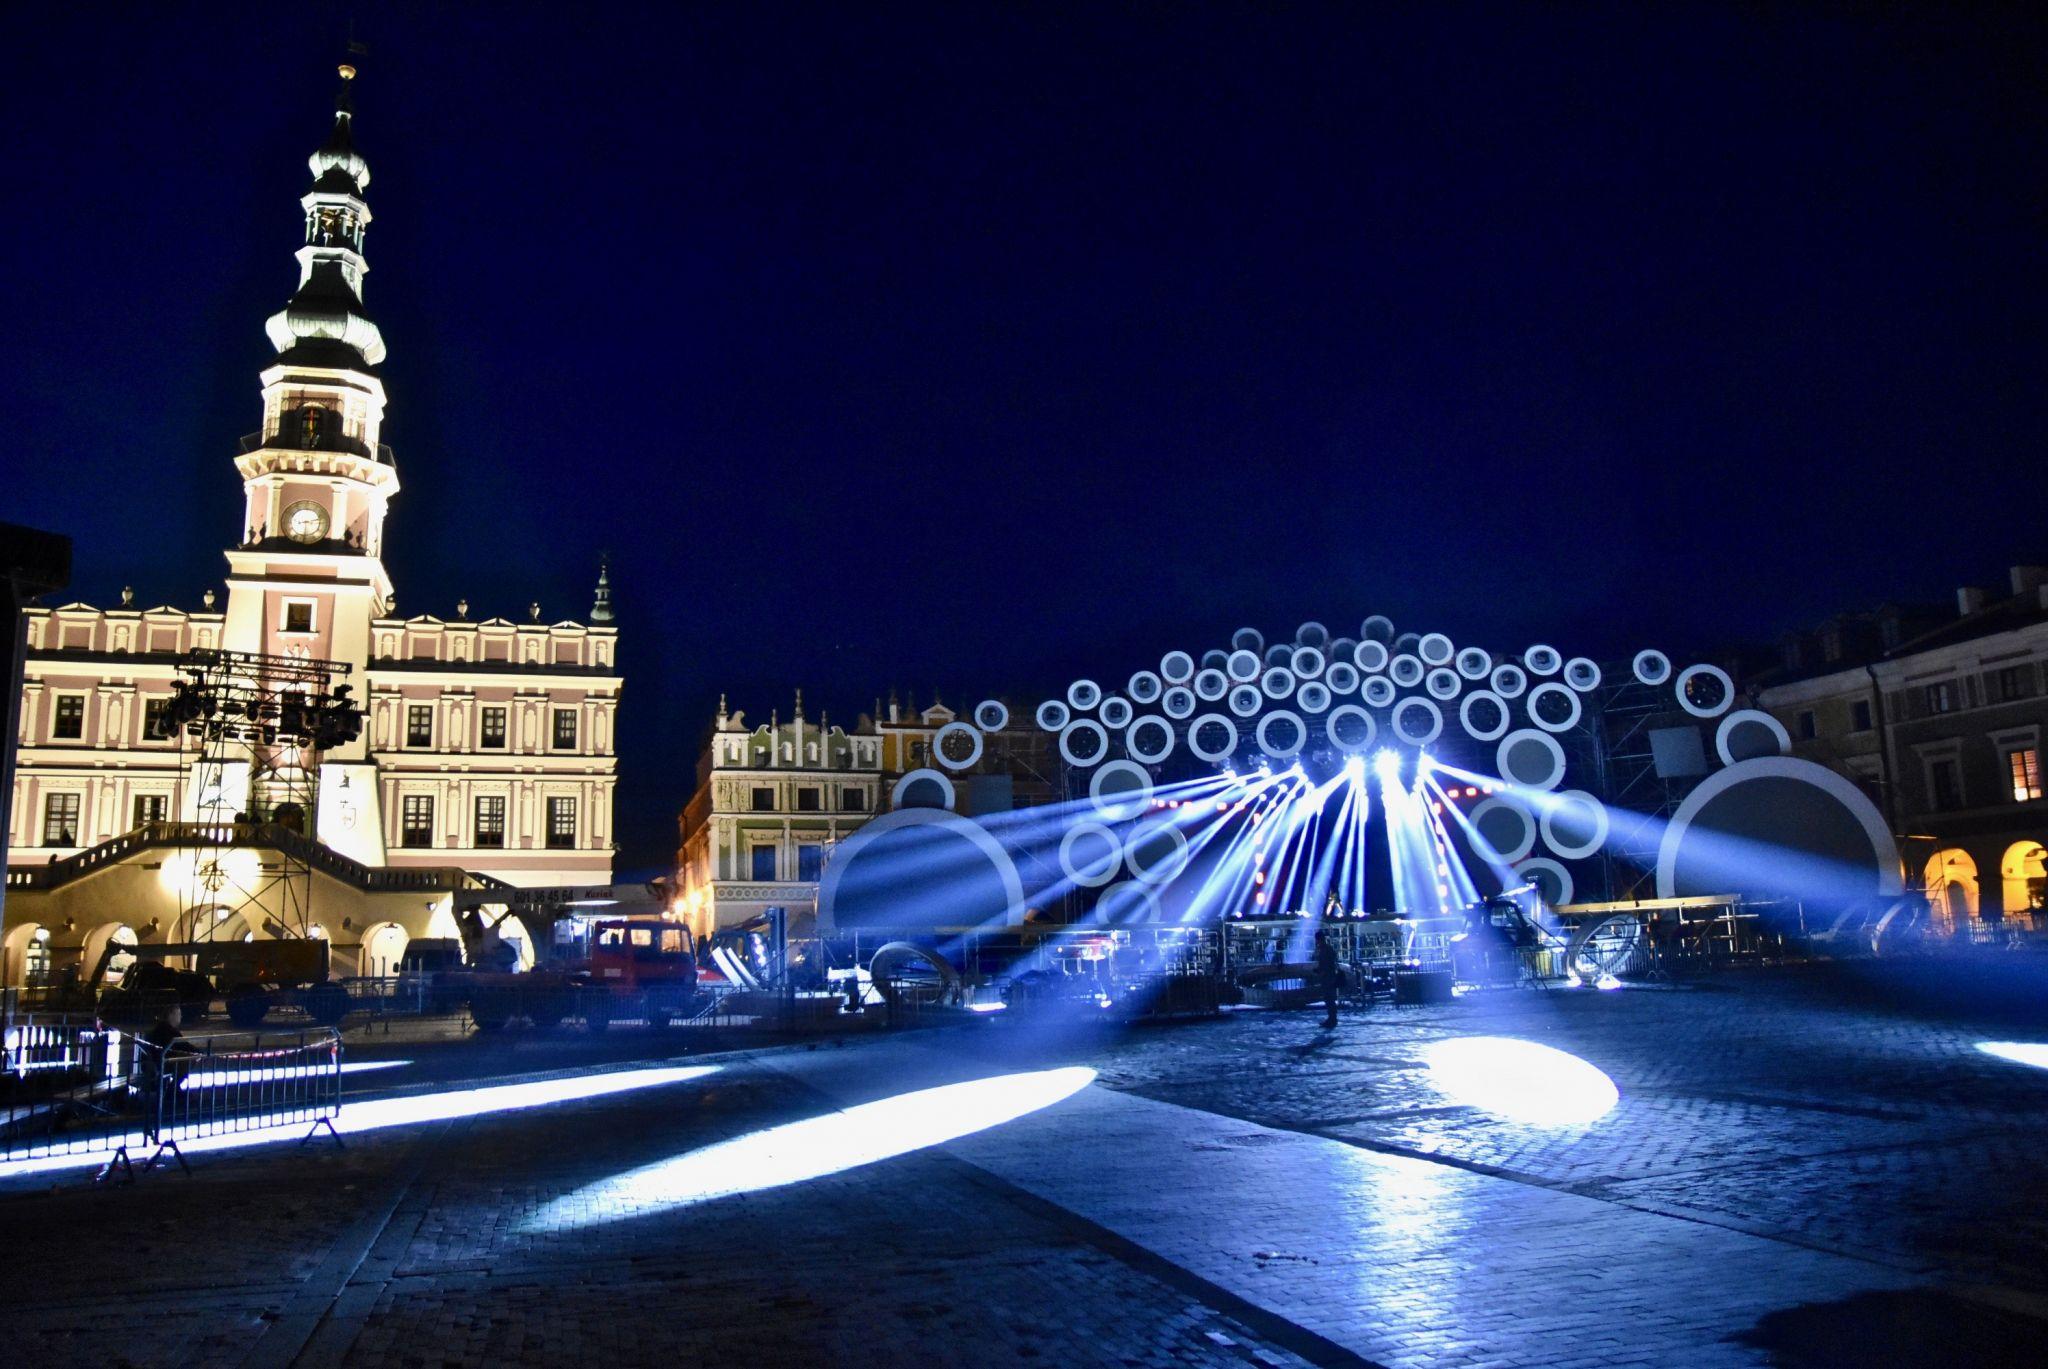 dsc 3029 Kolorowo na Rynku Wielkim - trwają próby oświetleniowe (zdjęcia)